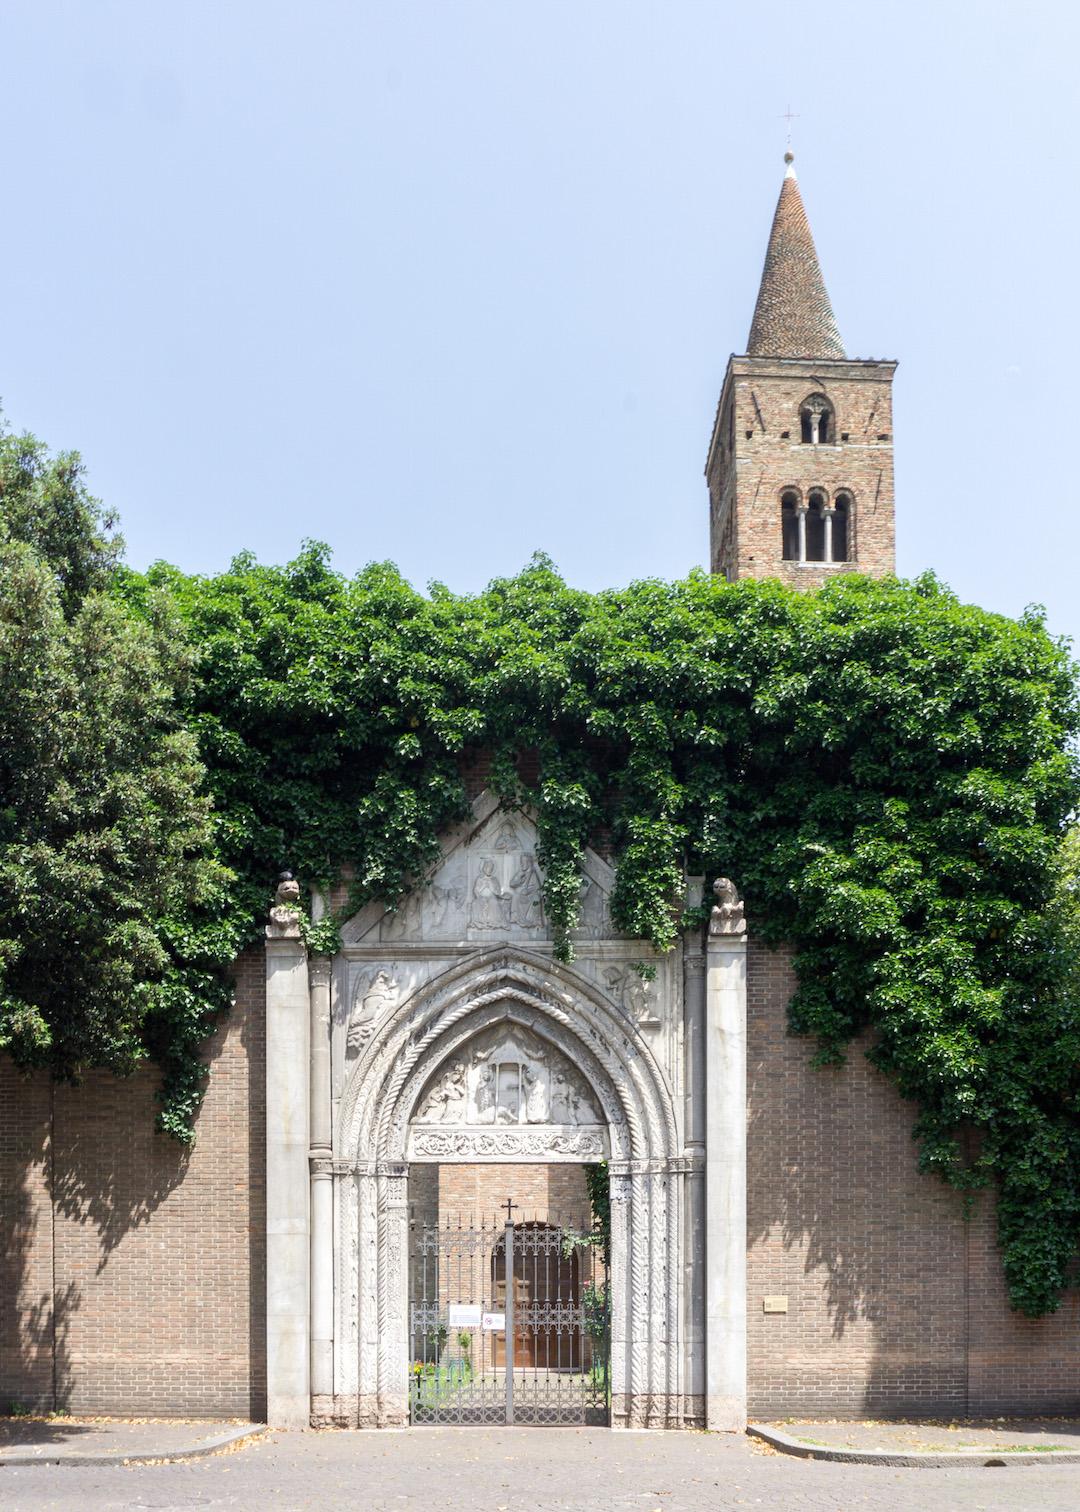 Pretty Wall in Ravenna